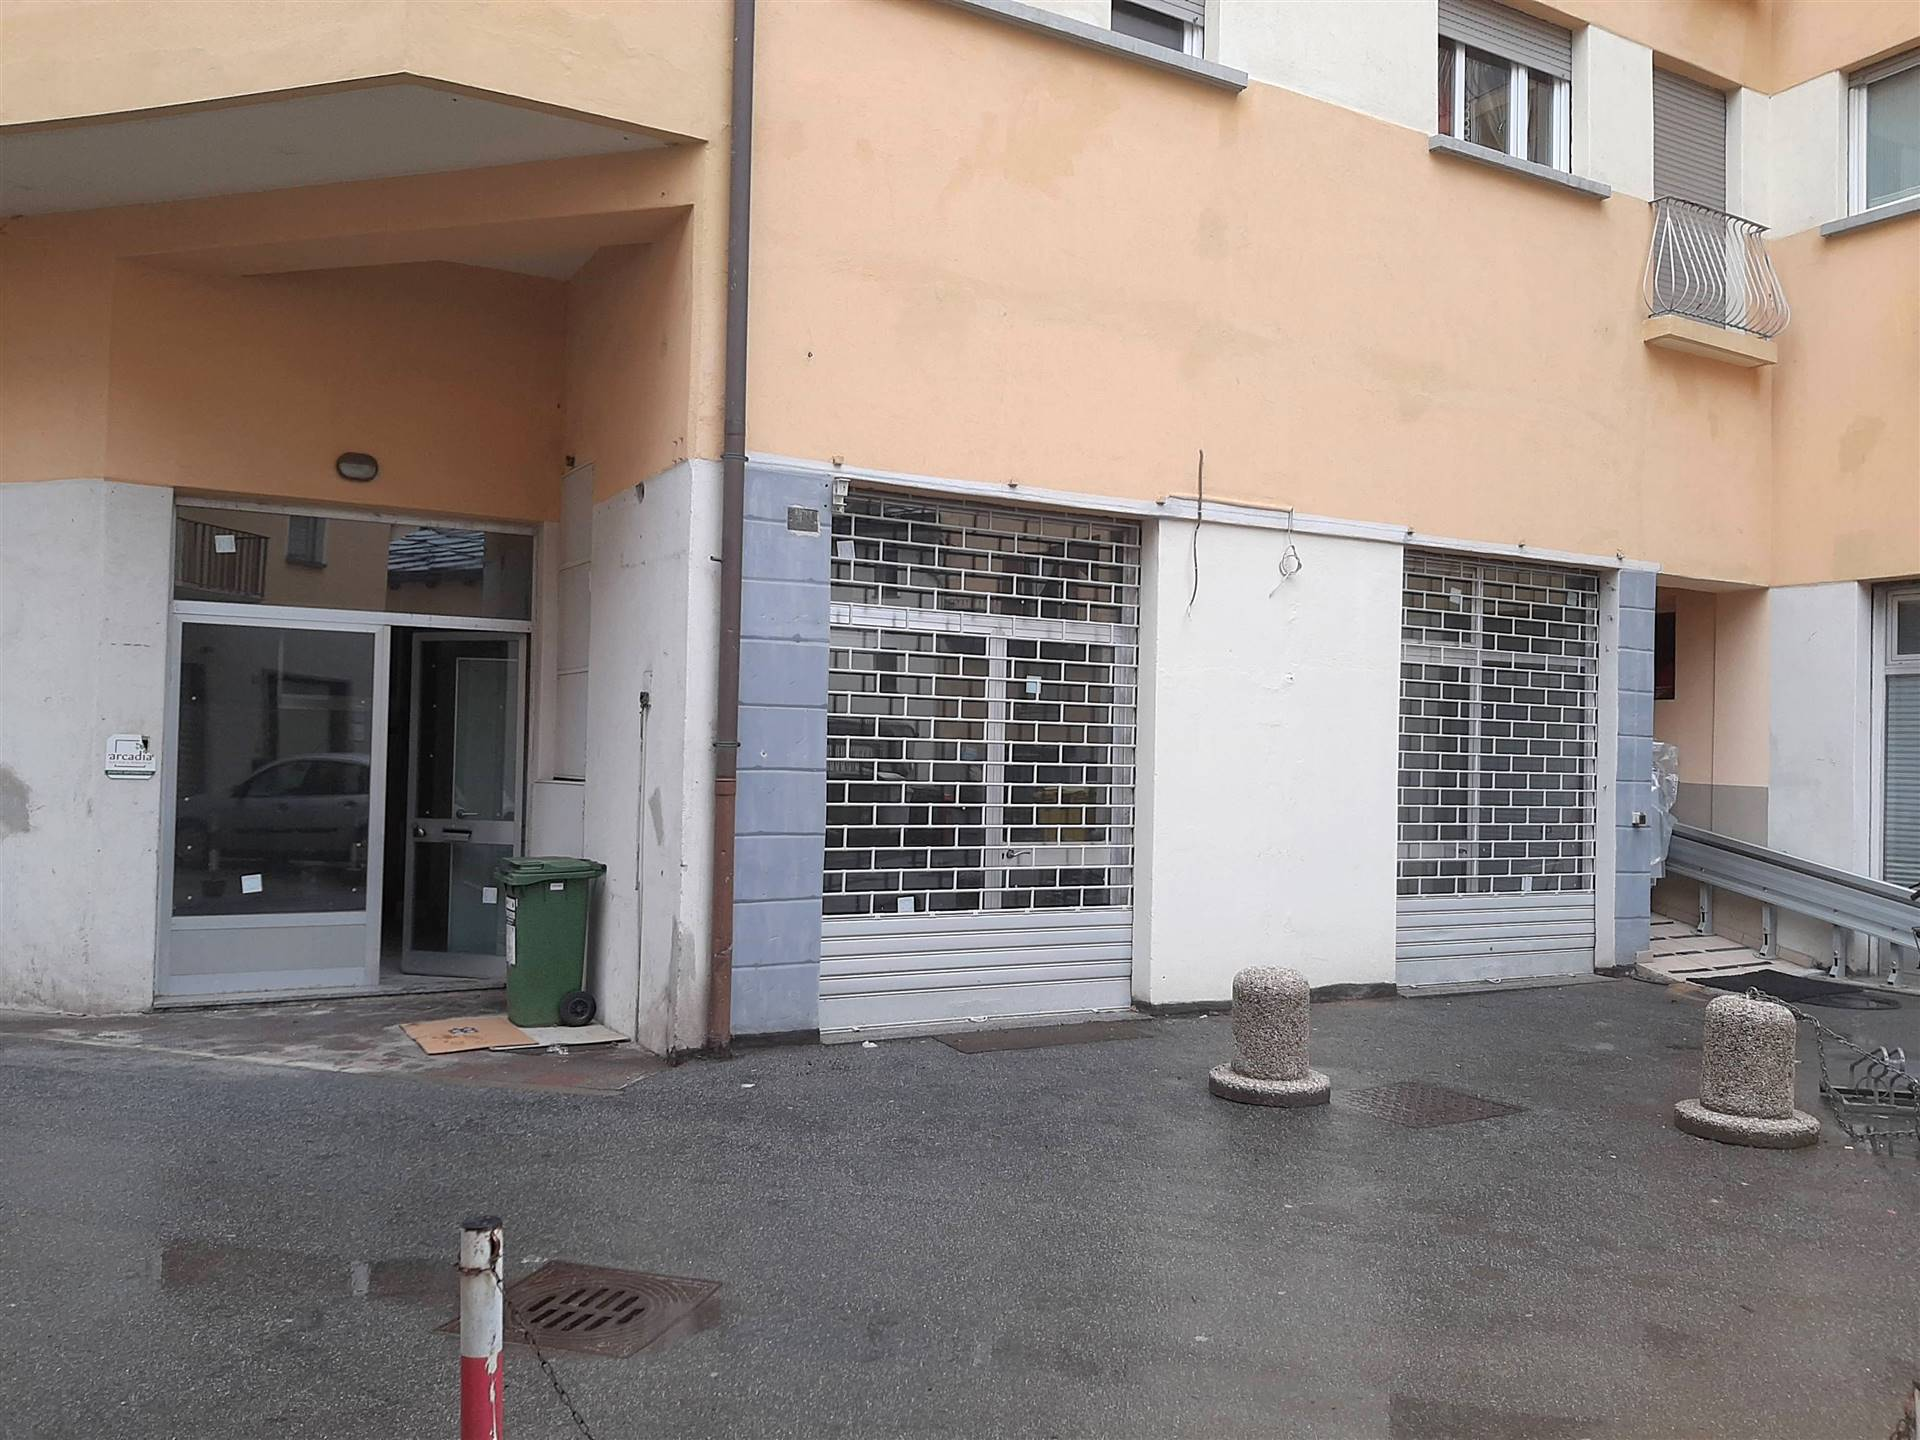 Ufficio / Studio in affitto a Aosta, 4 locali, zona Zona: Centro, prezzo € 700 | CambioCasa.it